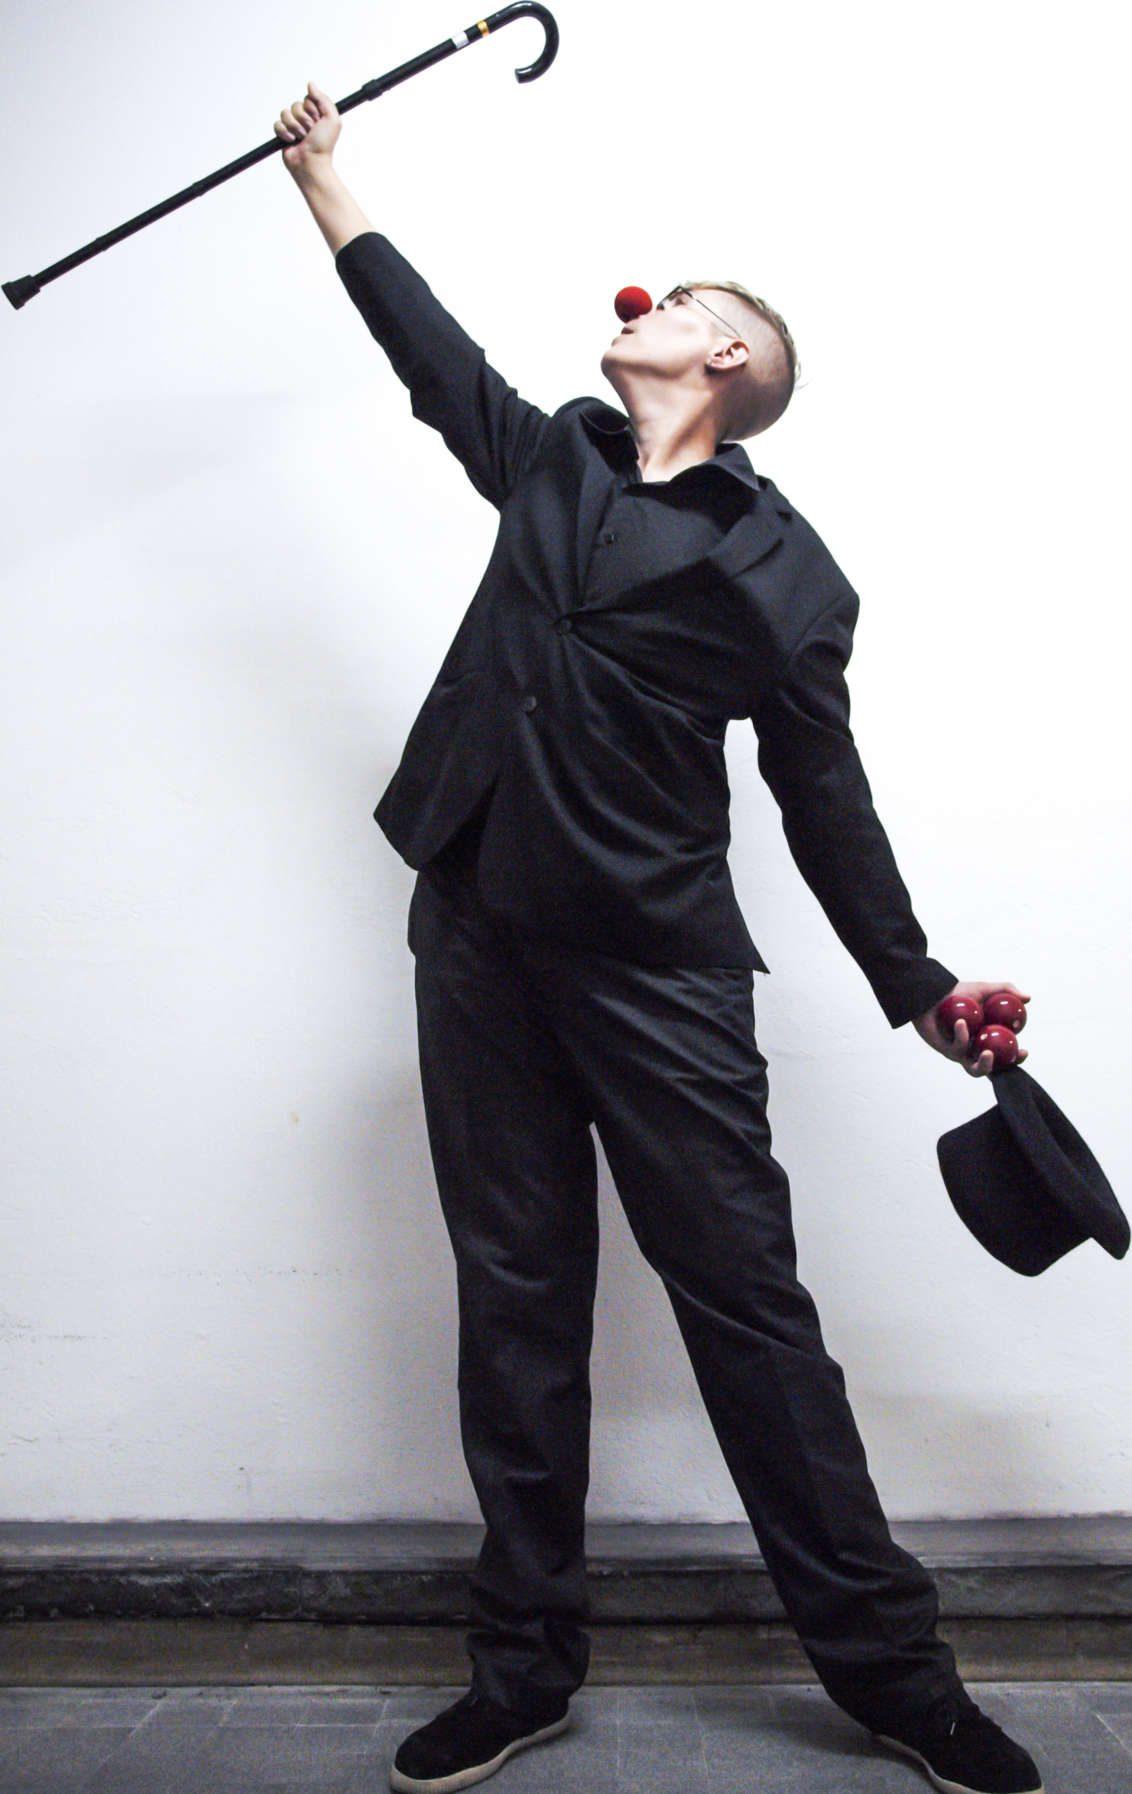 jongleur, clown, spectacle de jonglage, jonglerie, spectacle humoristique,